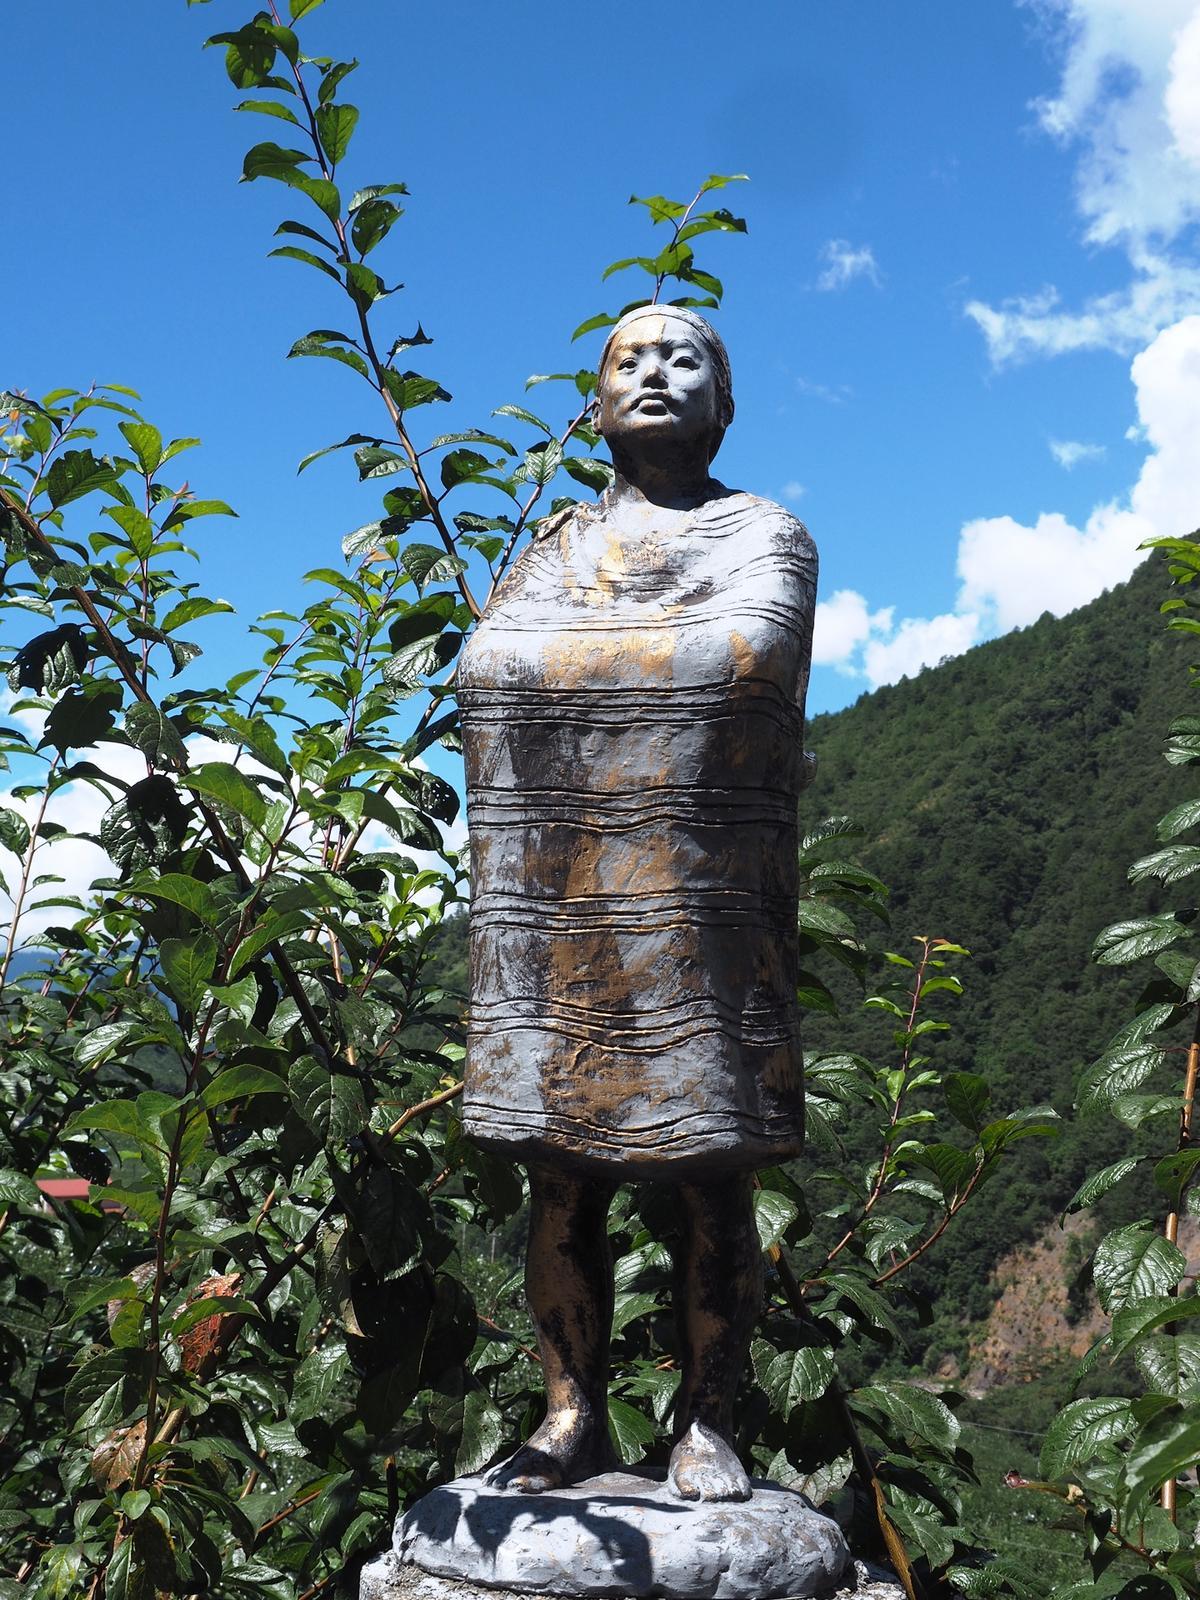 一座座主題各異的雕像,呈現著泰雅族人生活文化的風俗。(圖片提供:朱家瑩)